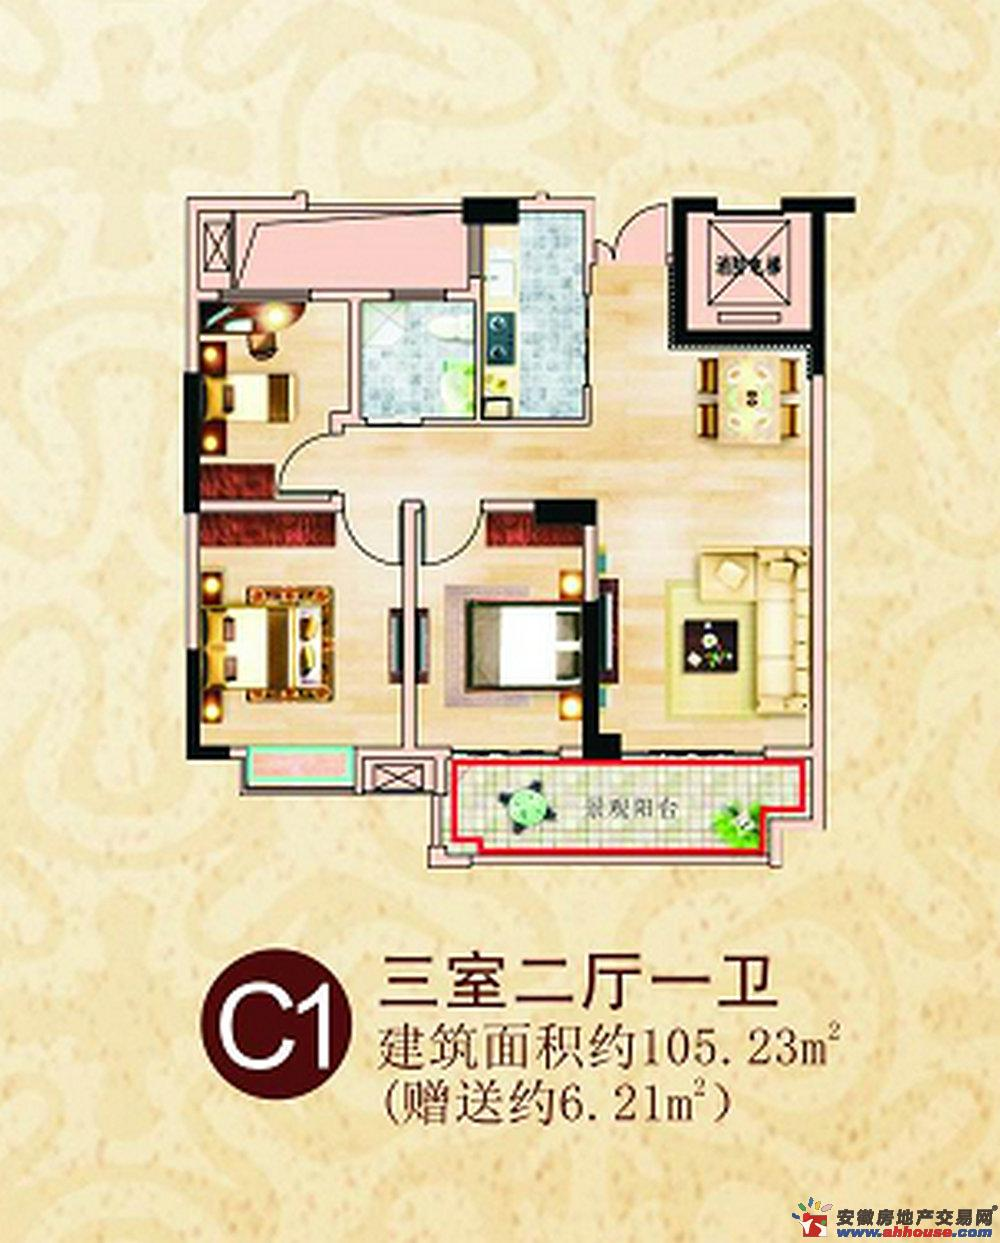 上和家园_3室2厅1卫厨